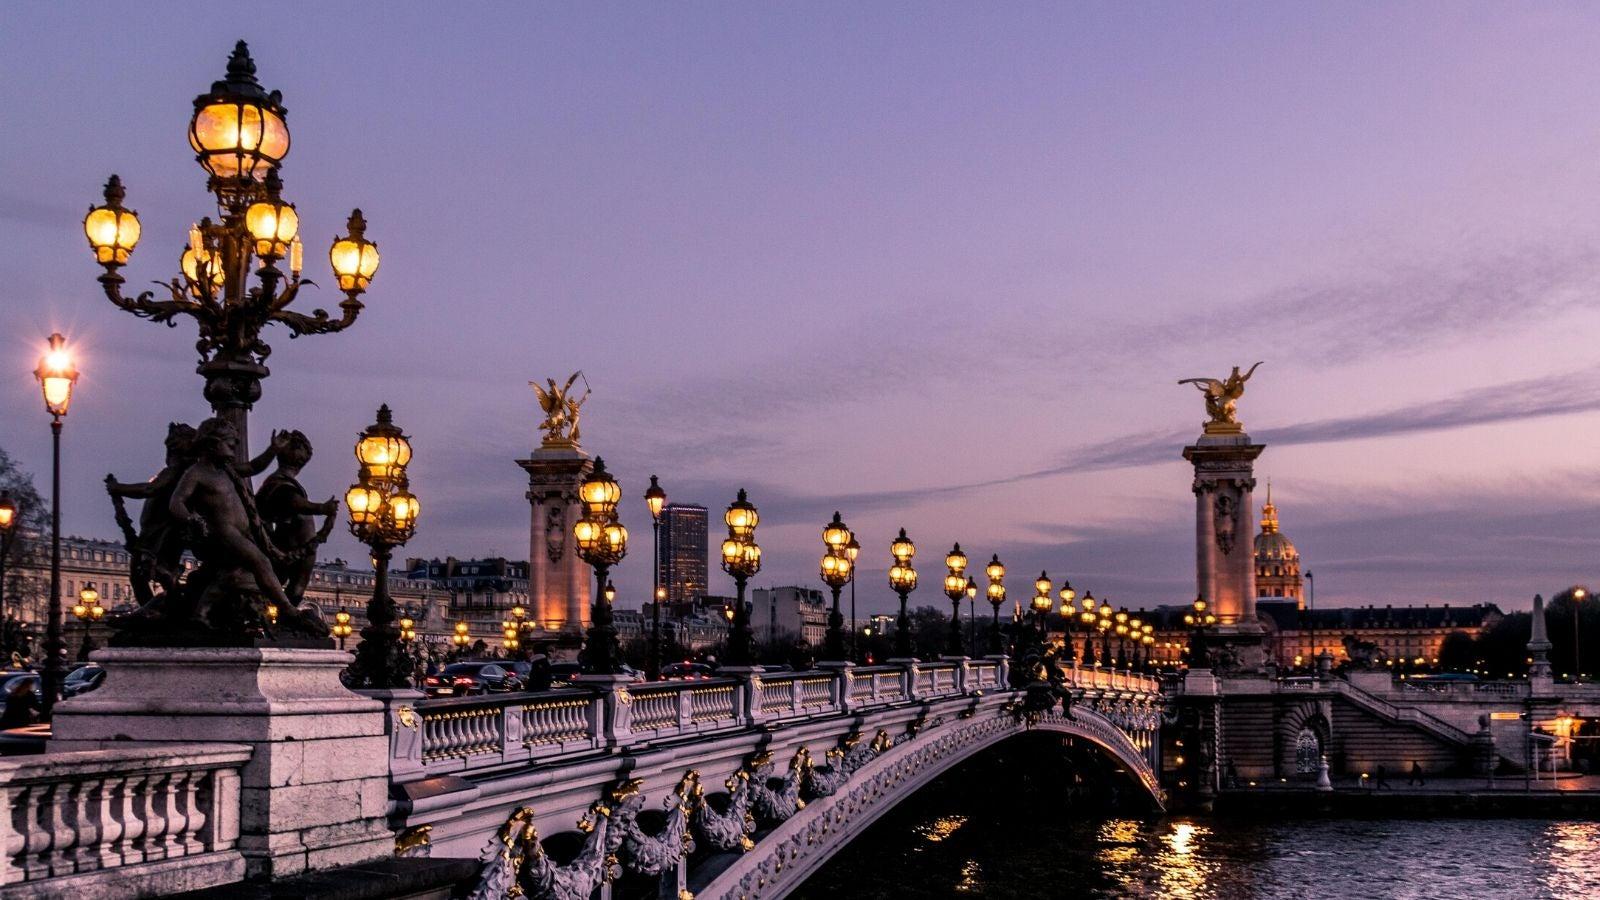 Paris sunset evening bridge